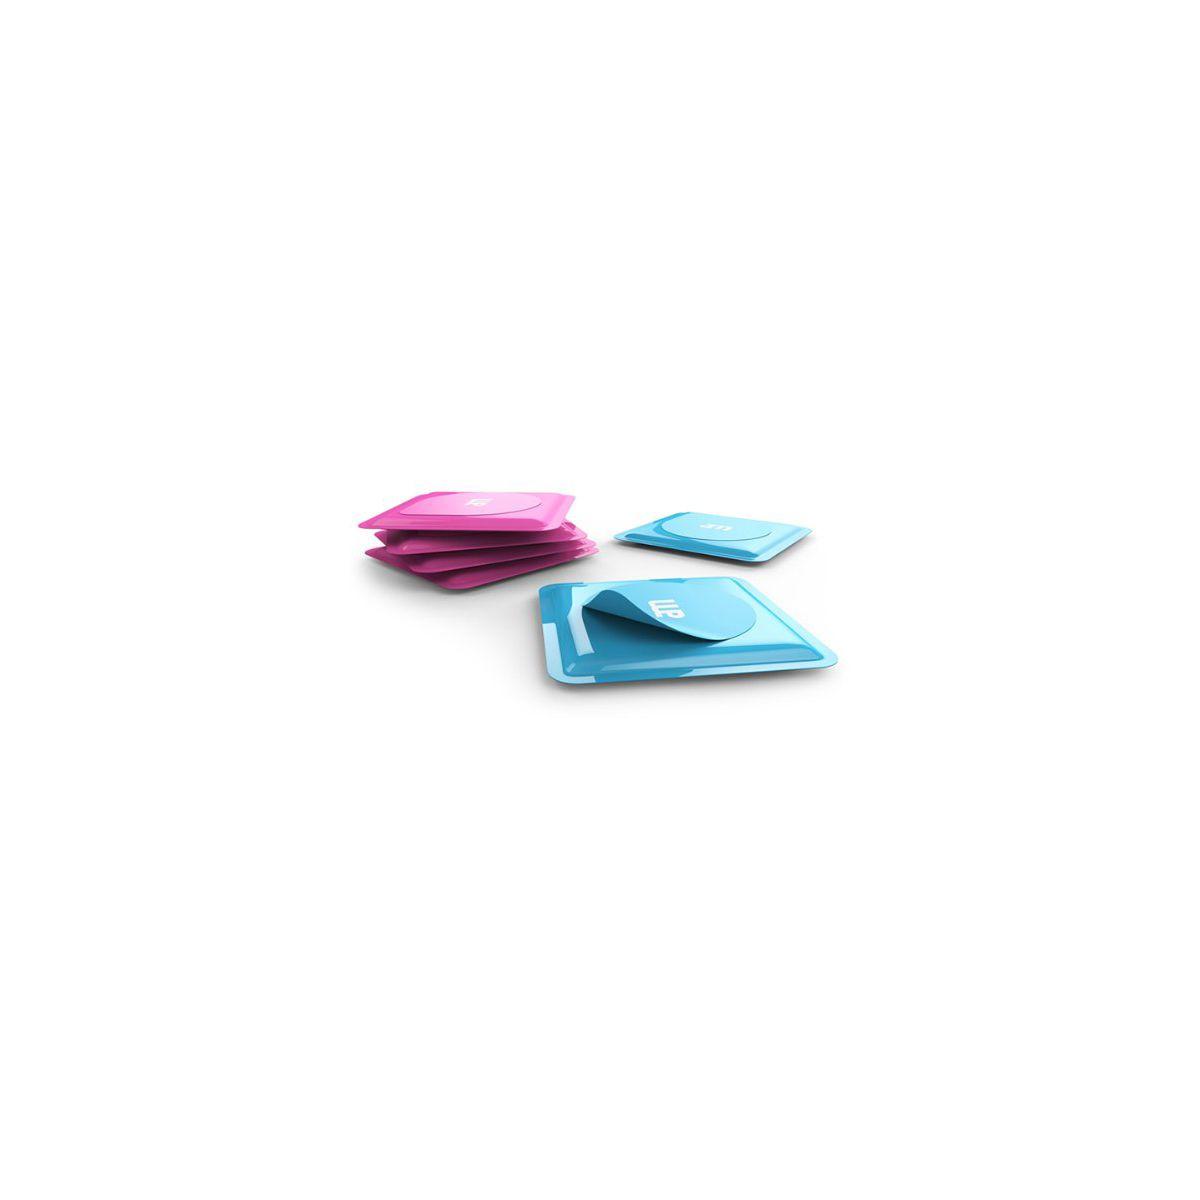 Lingettes am anti-bact�riennes roses pour �cran - 2% de remise imm�diate avec le code : deal2 (photo)